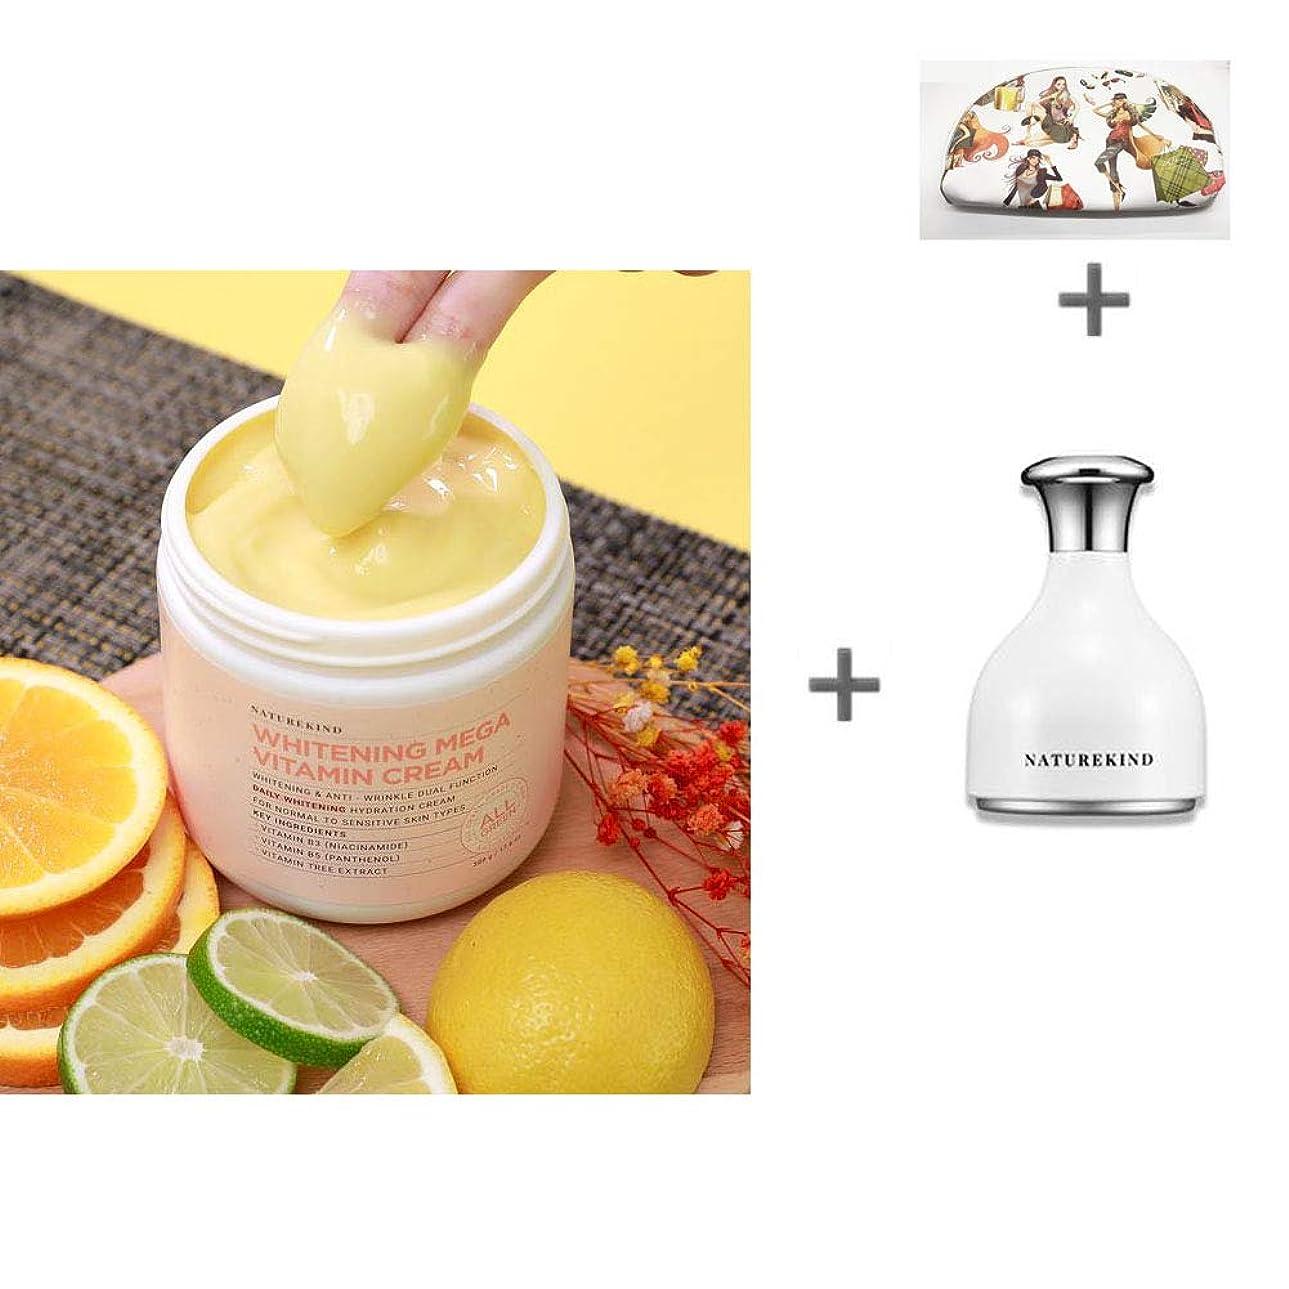 スポンジ強い自治的[ネイチャーカインド]美白ビタミンクリーム500gの大容量Vitamin Cream /全成分100%グリーン評価/敏感肌にも安心/トンオプ/保湿/くすみ除去/美白クリーム [海外直送品][並行輸入品] (クリーム+クーリングスティック)